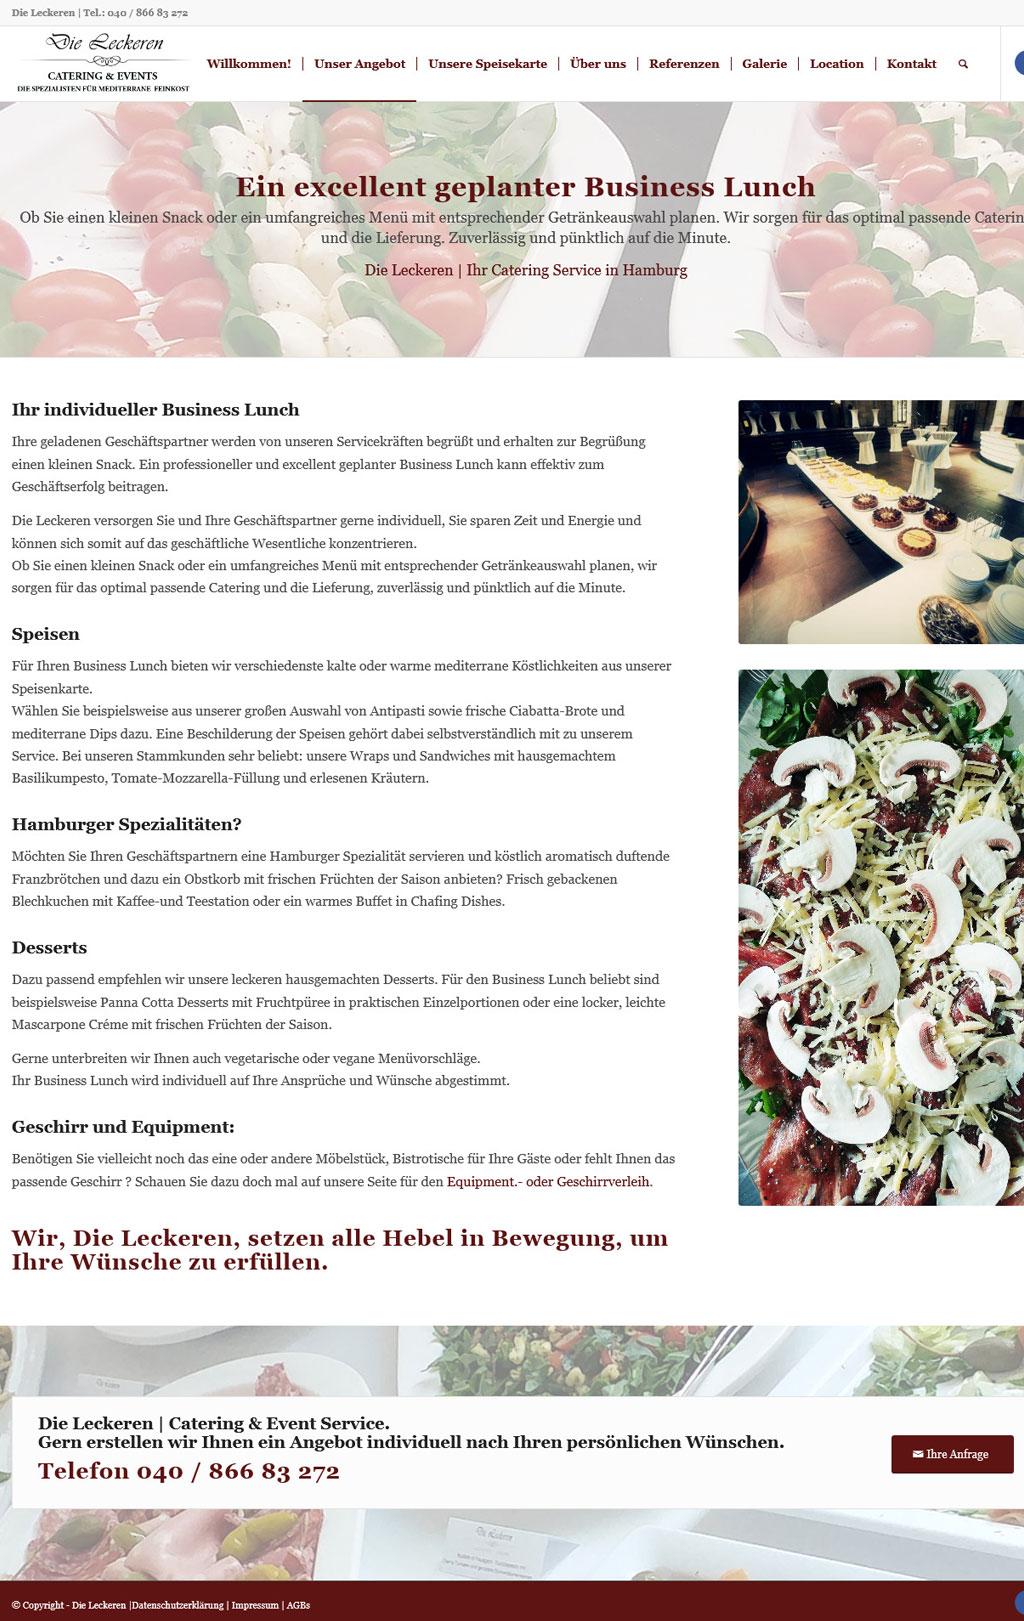 Webdesign dieleckeren.com